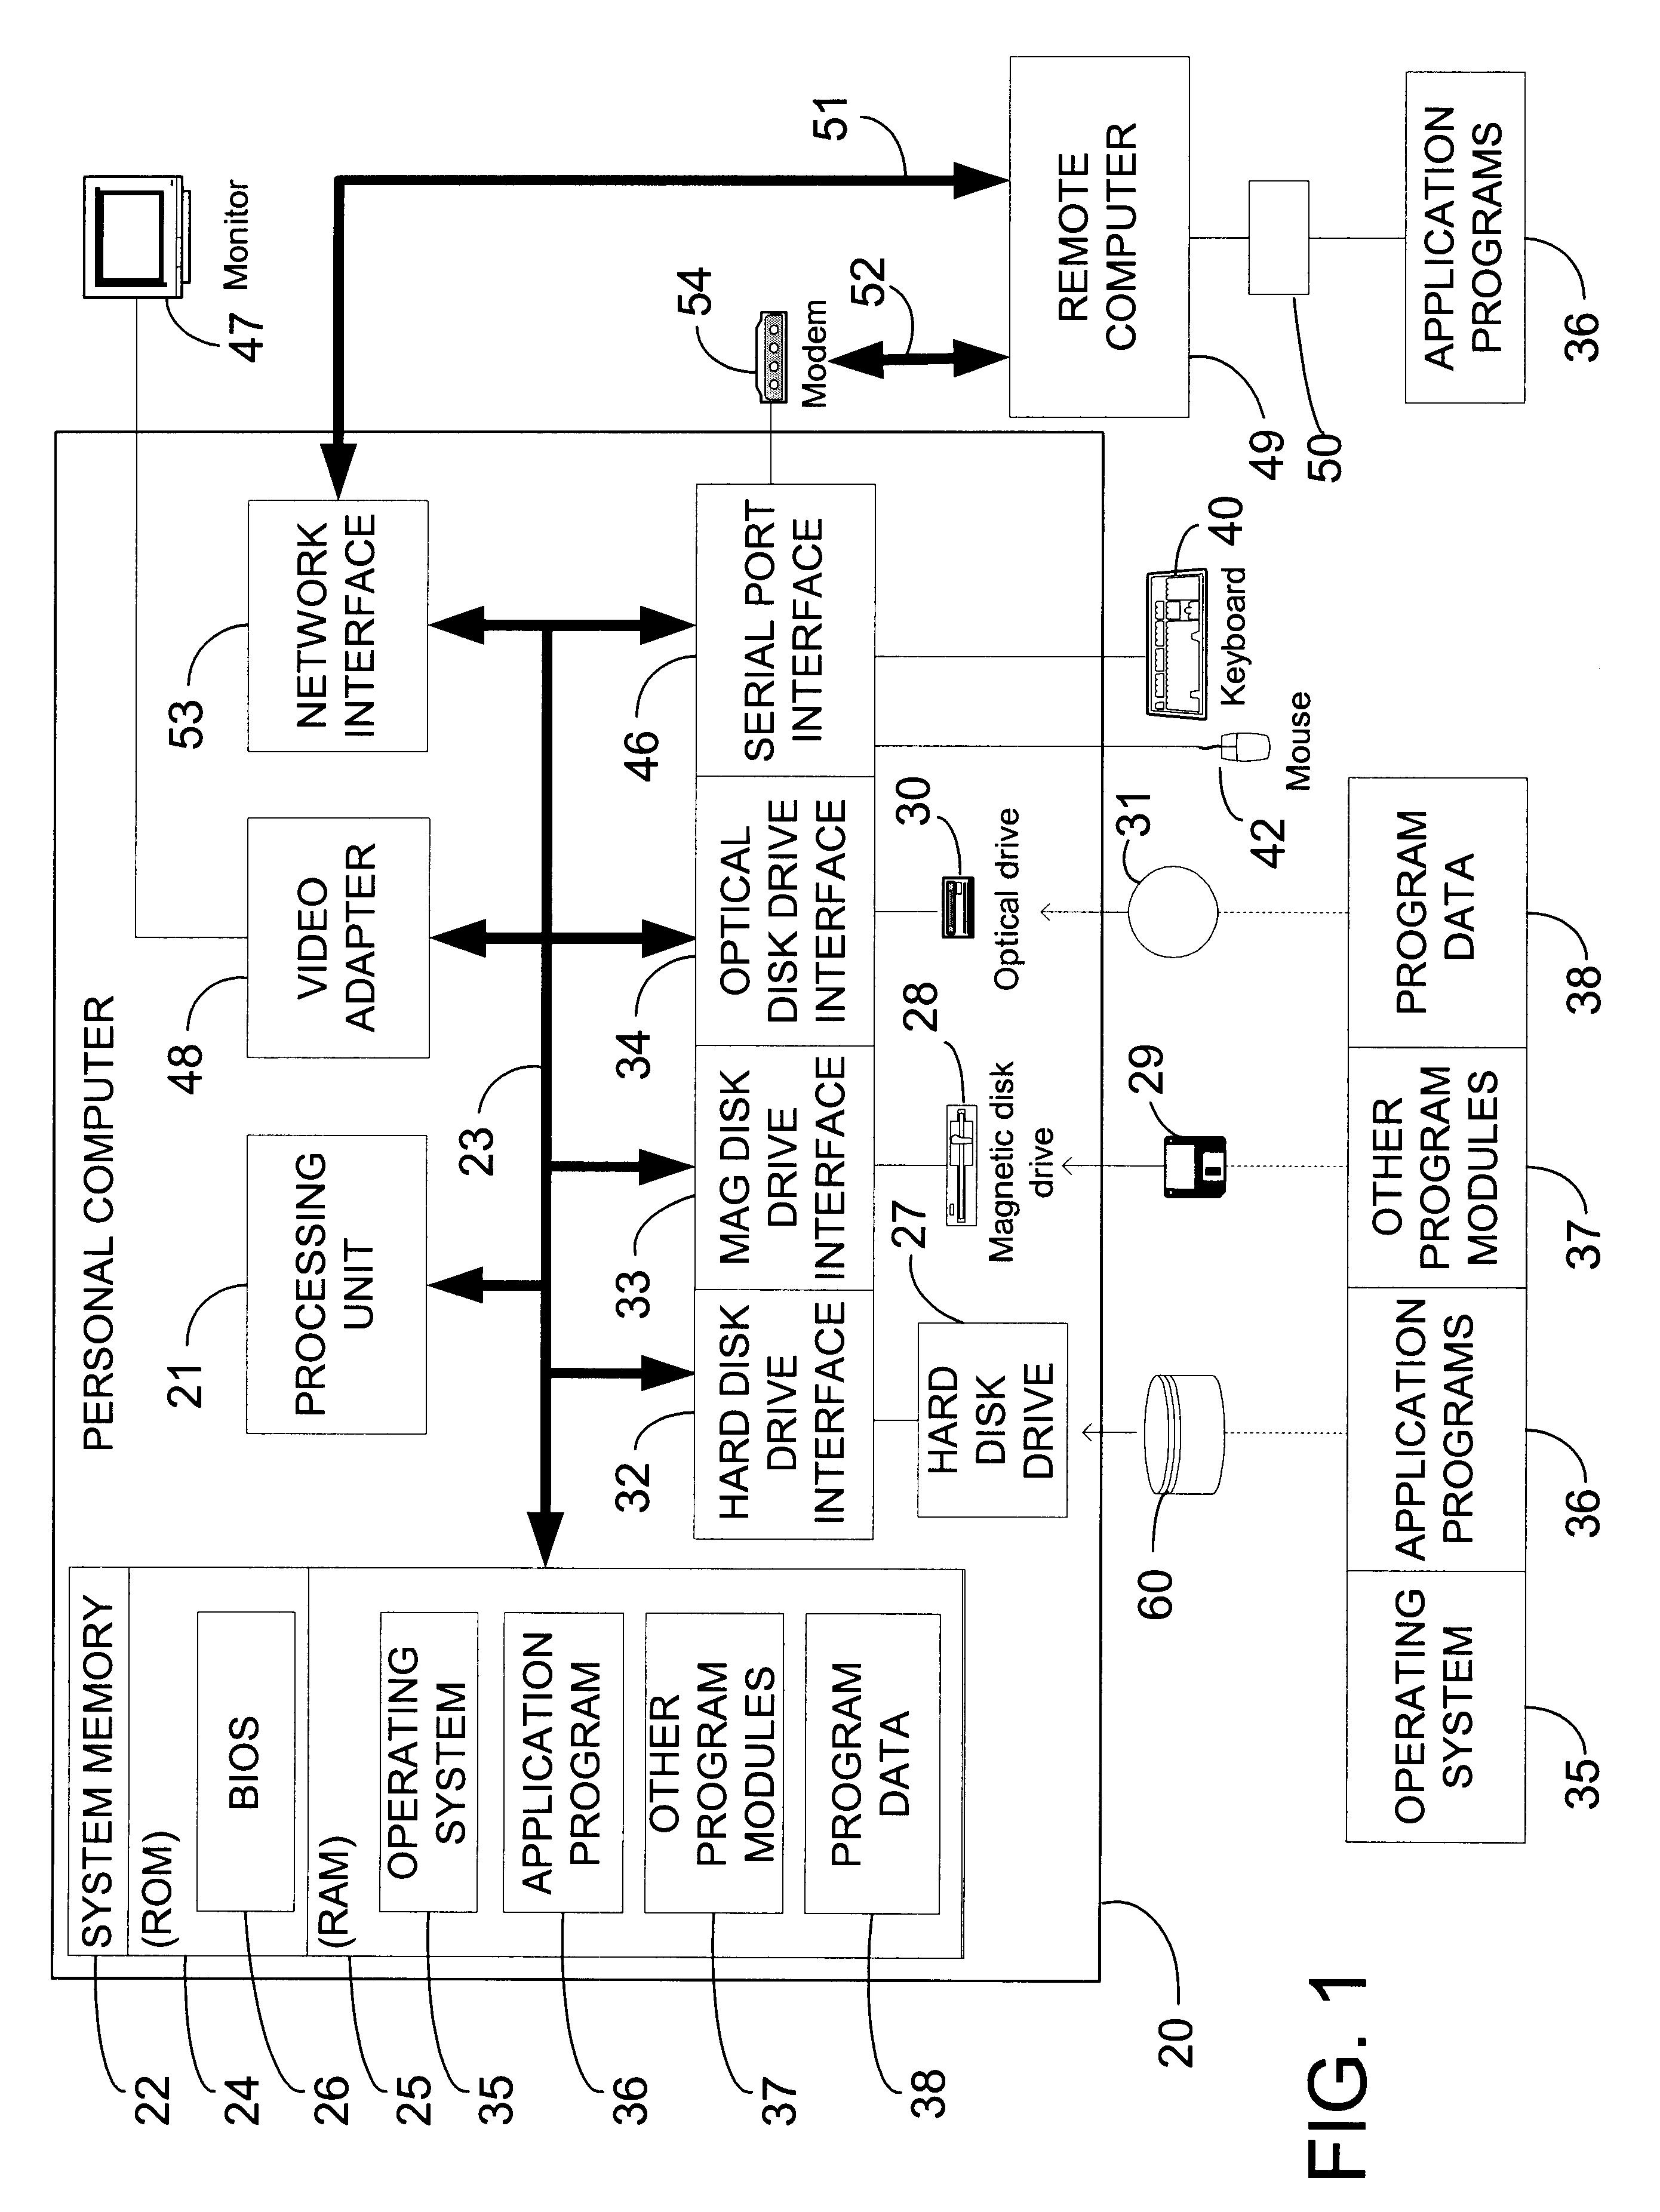 [DIAGRAM_5UK]  SD_6928] Nexon Car Alarm Wiring Diagram Schematic Wiring   Nexon Car Alarm Wiring Diagram      Ungo Skat Peted Phae Mohammedshrine Librar Wiring 101